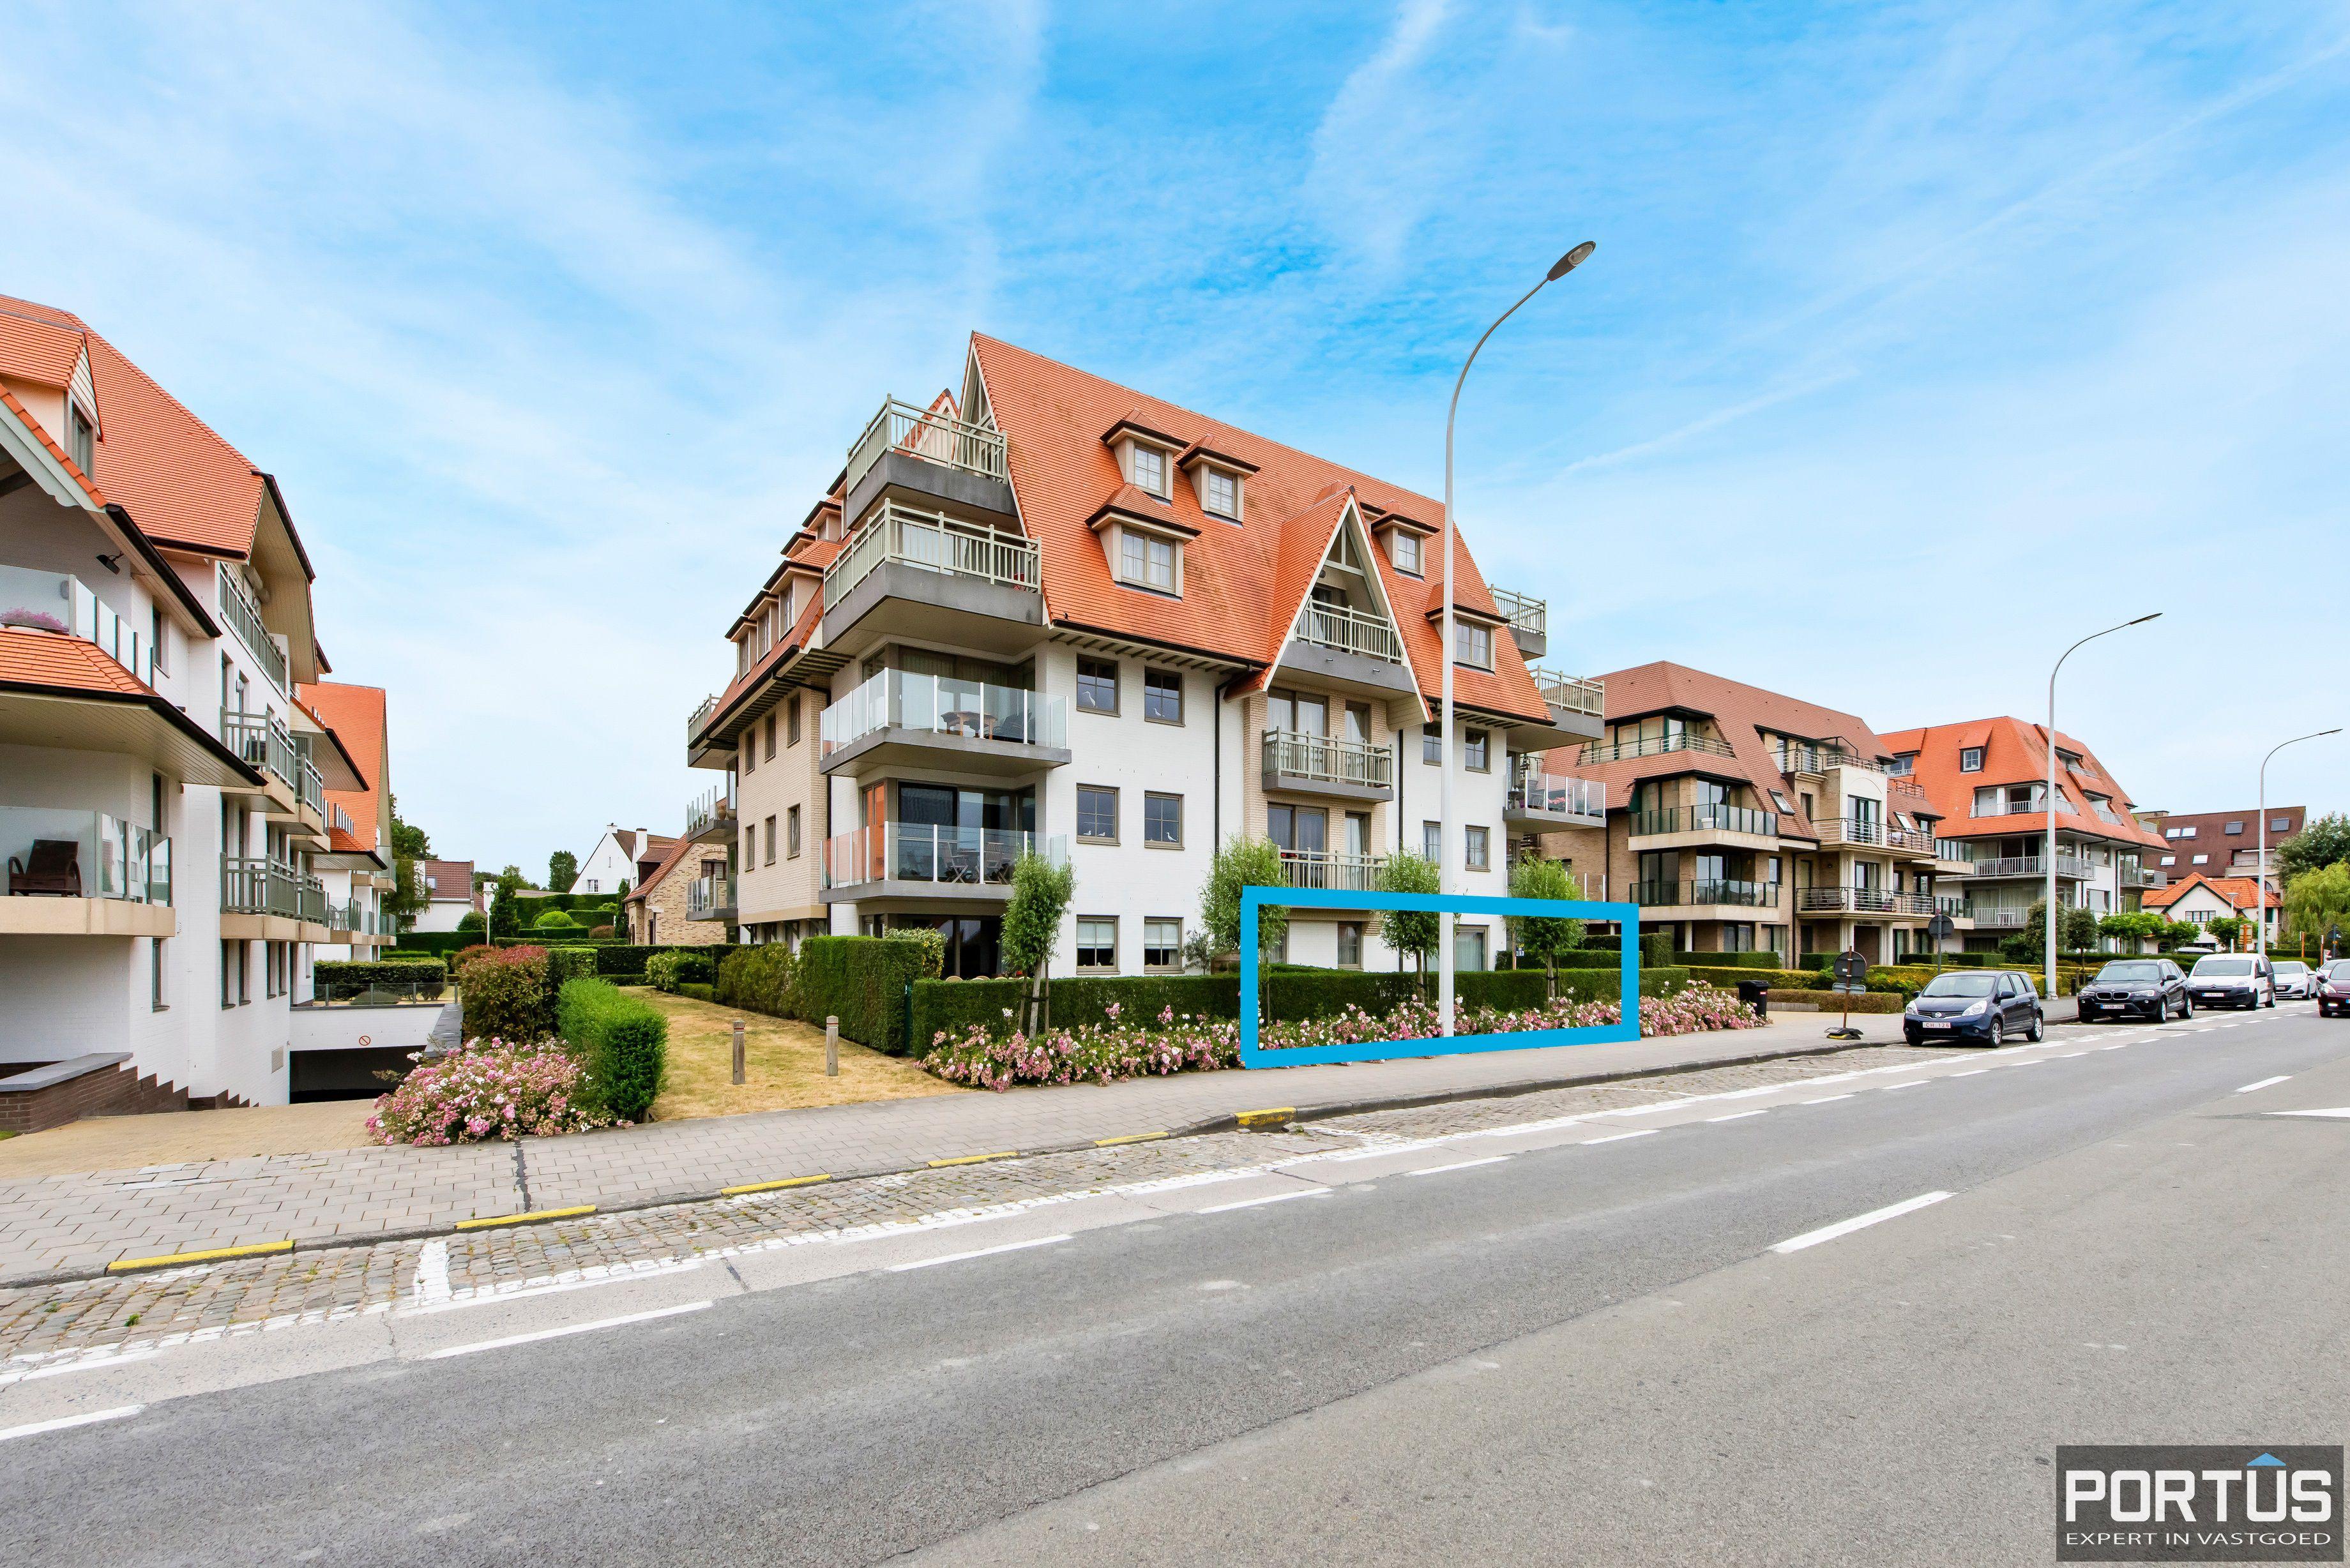 Gelijkvloers appartement te koop met 2 slaapkamers en privé tuin - 9849